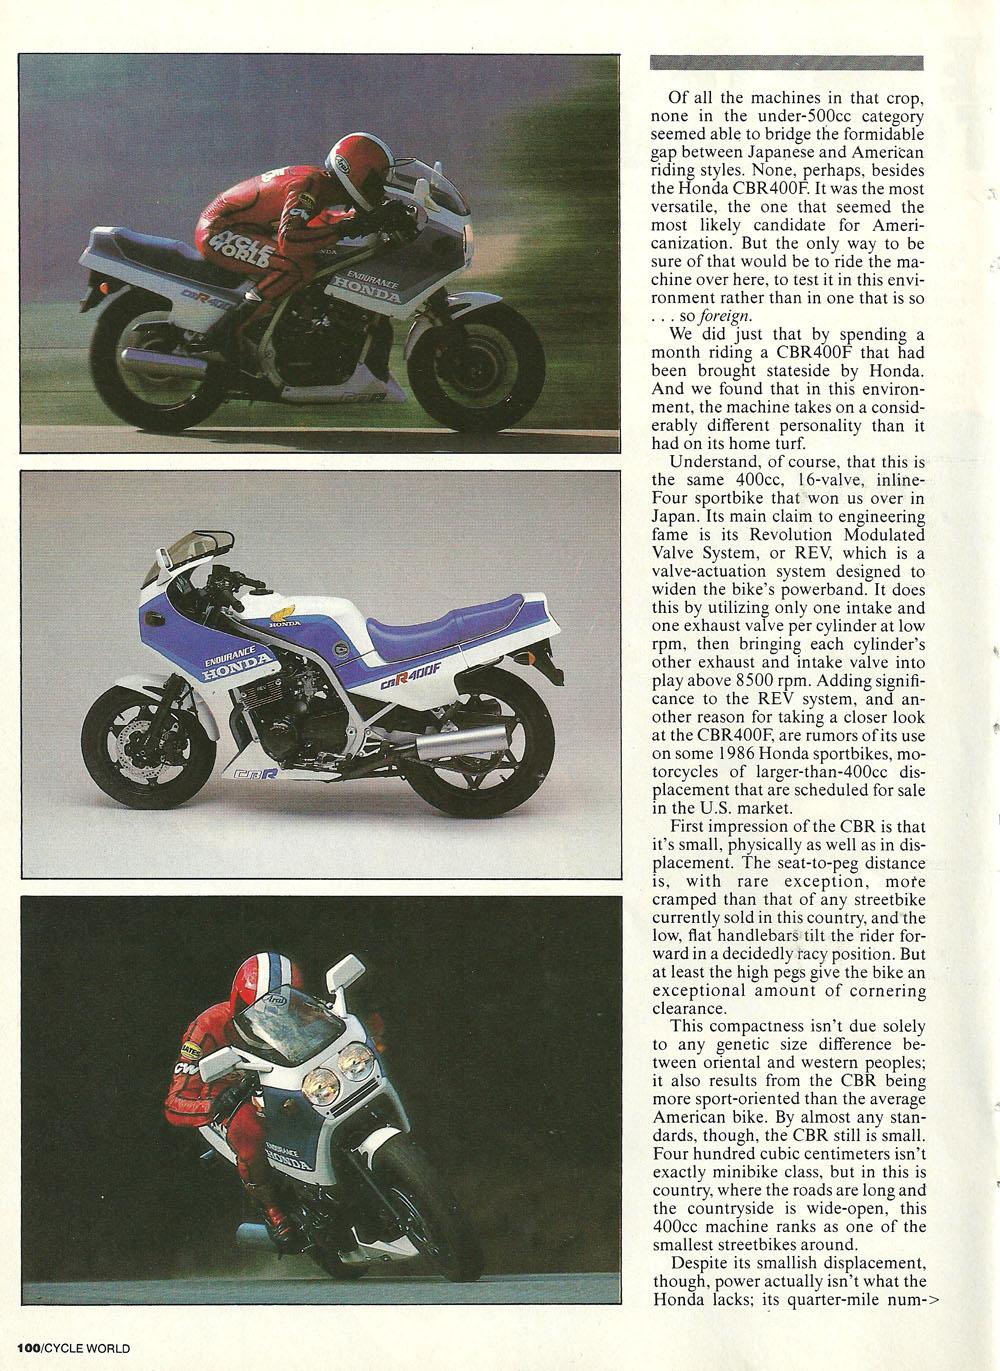 1985 Honda CBR400F road test 02.jpg